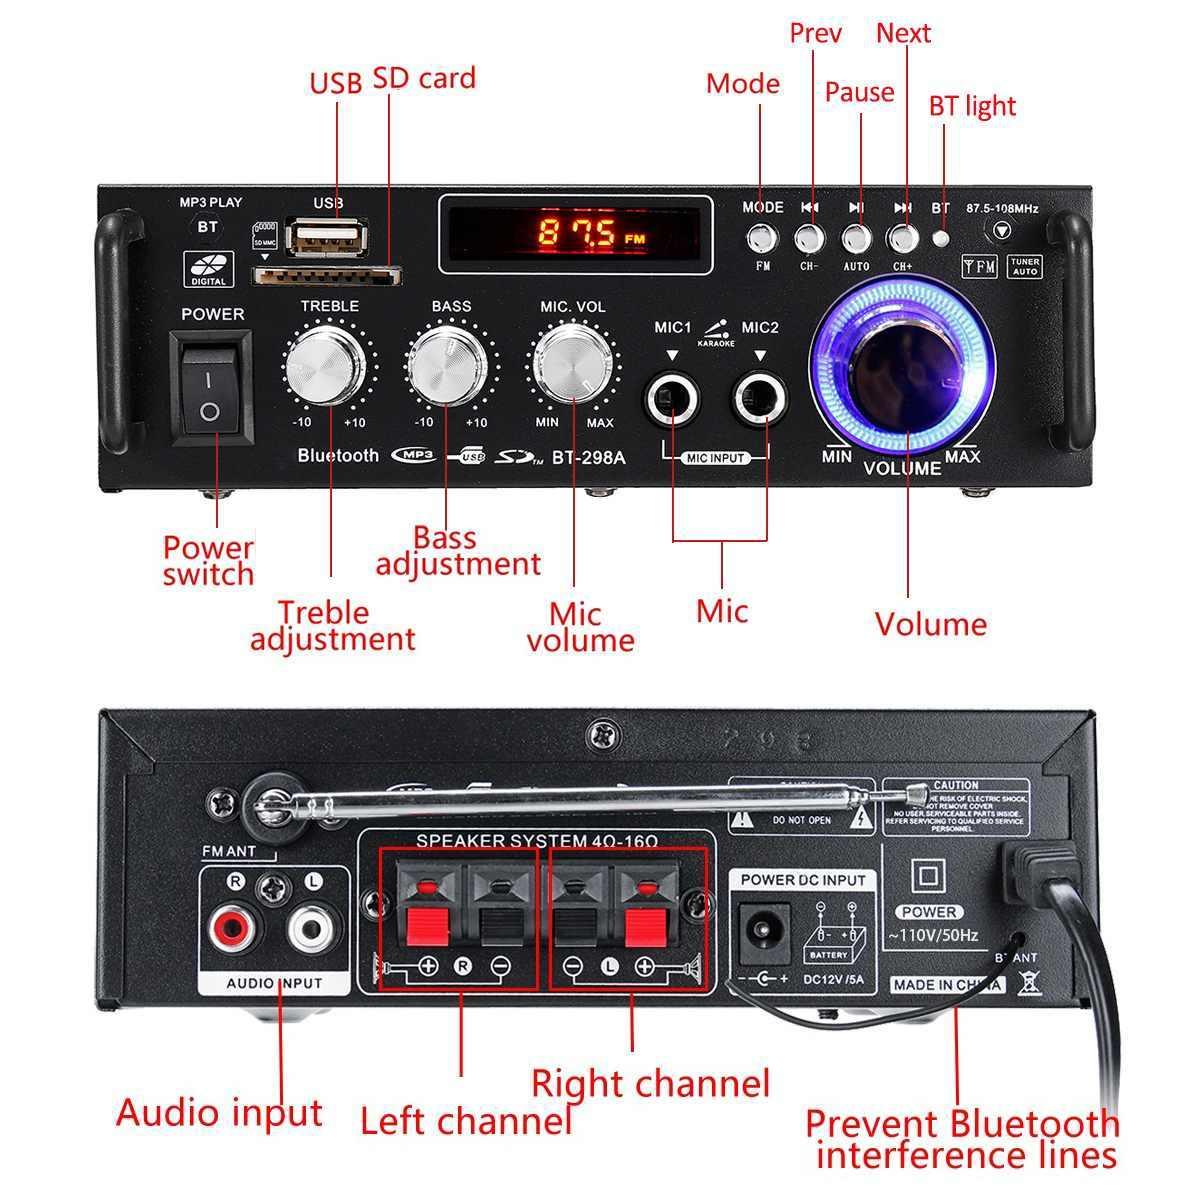 HIFI 2CH аудиомагнитолы автомобильные мощность усилители домашние 600 Вт стерео сабвуфер бас для домашнего кинотеатра, Усилитель Поддержка bluetooth дистанционное управление FM радио